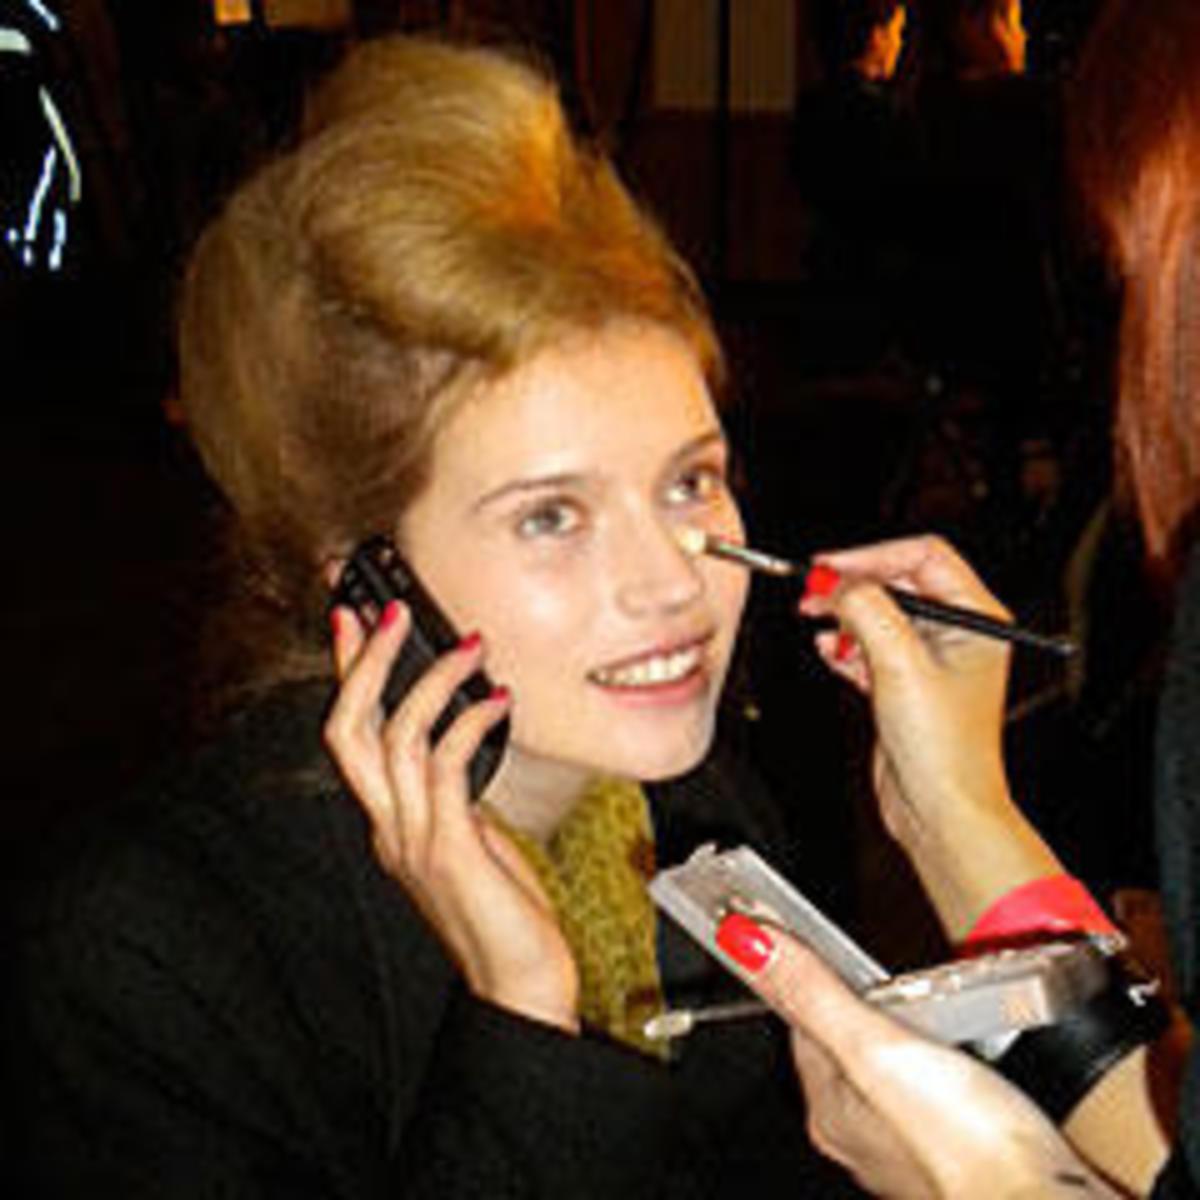 backstage-makeup-artist